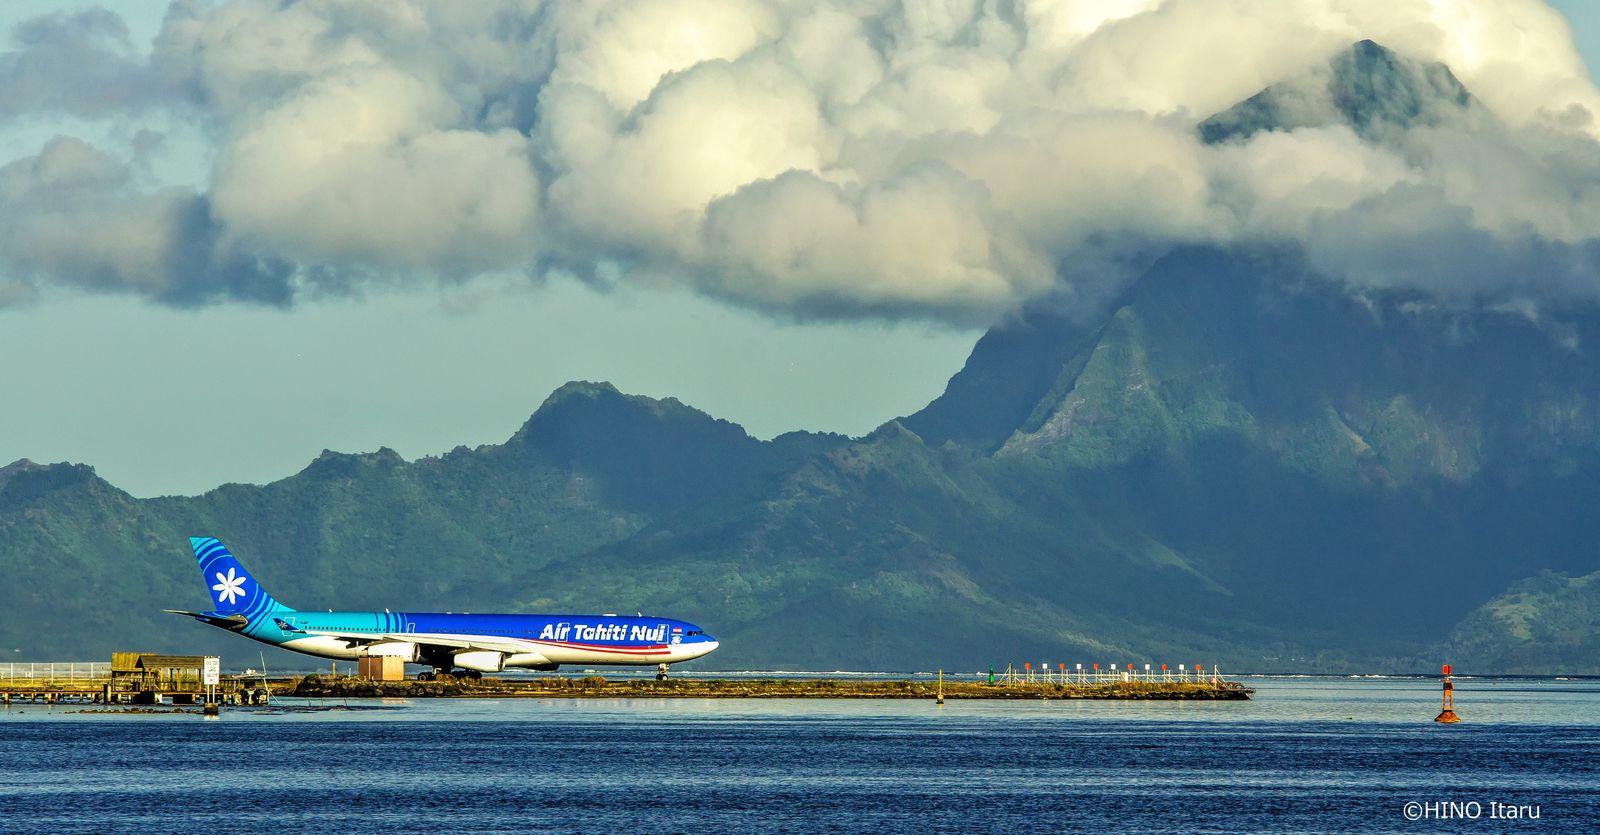 実は、成田国際空港からタヒチまでは直行便が飛んでいます。アジアから直行便が飛んでいるのは日本からのみです。行きやすい上、現地の治安はよく、年間を通して温暖で泳げるので、旅先にピッタリ。